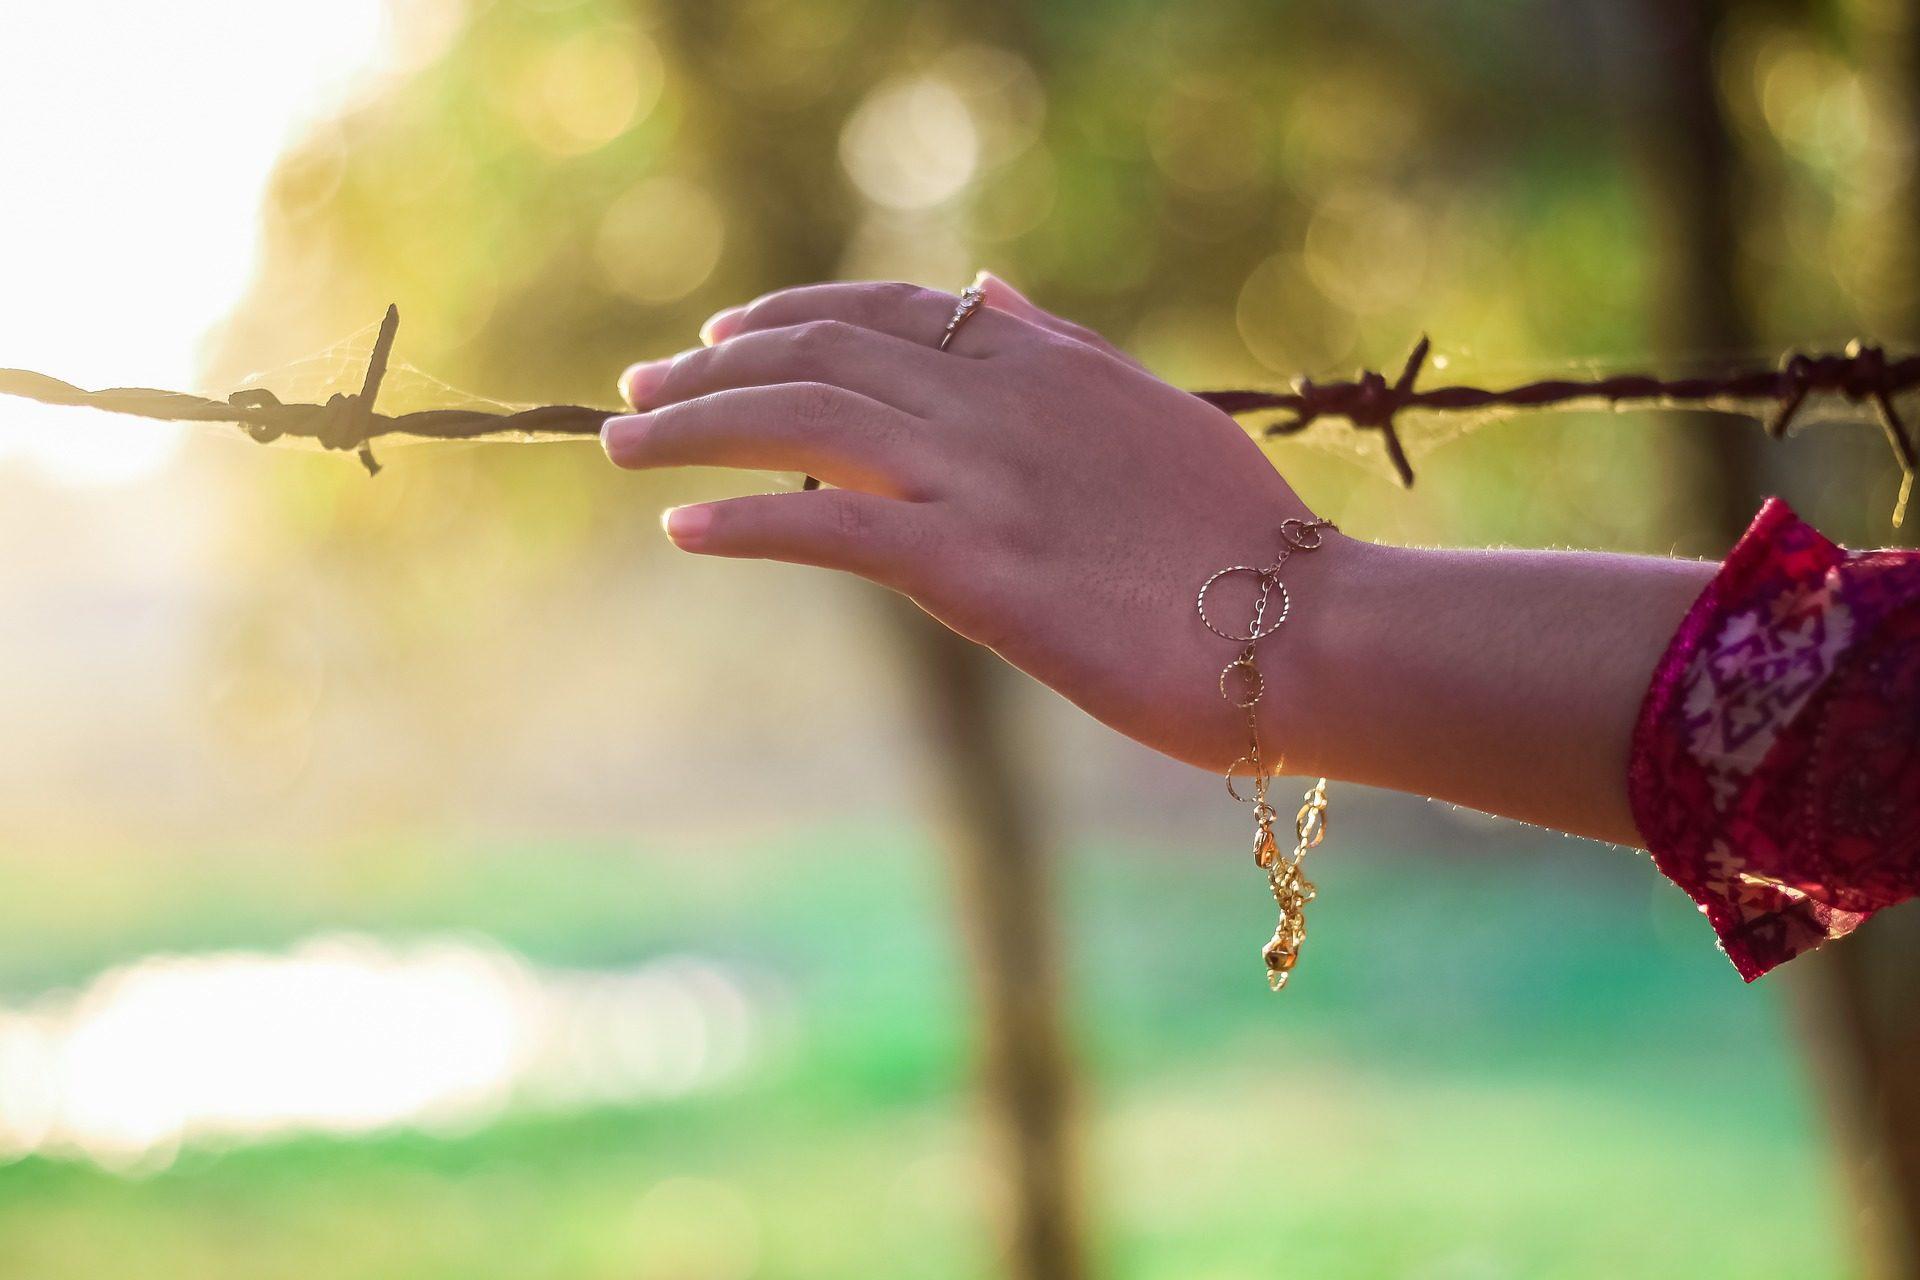 手, 女人, 手镯, 栅栏, 字段 - 高清壁纸 - 教授-falken.com